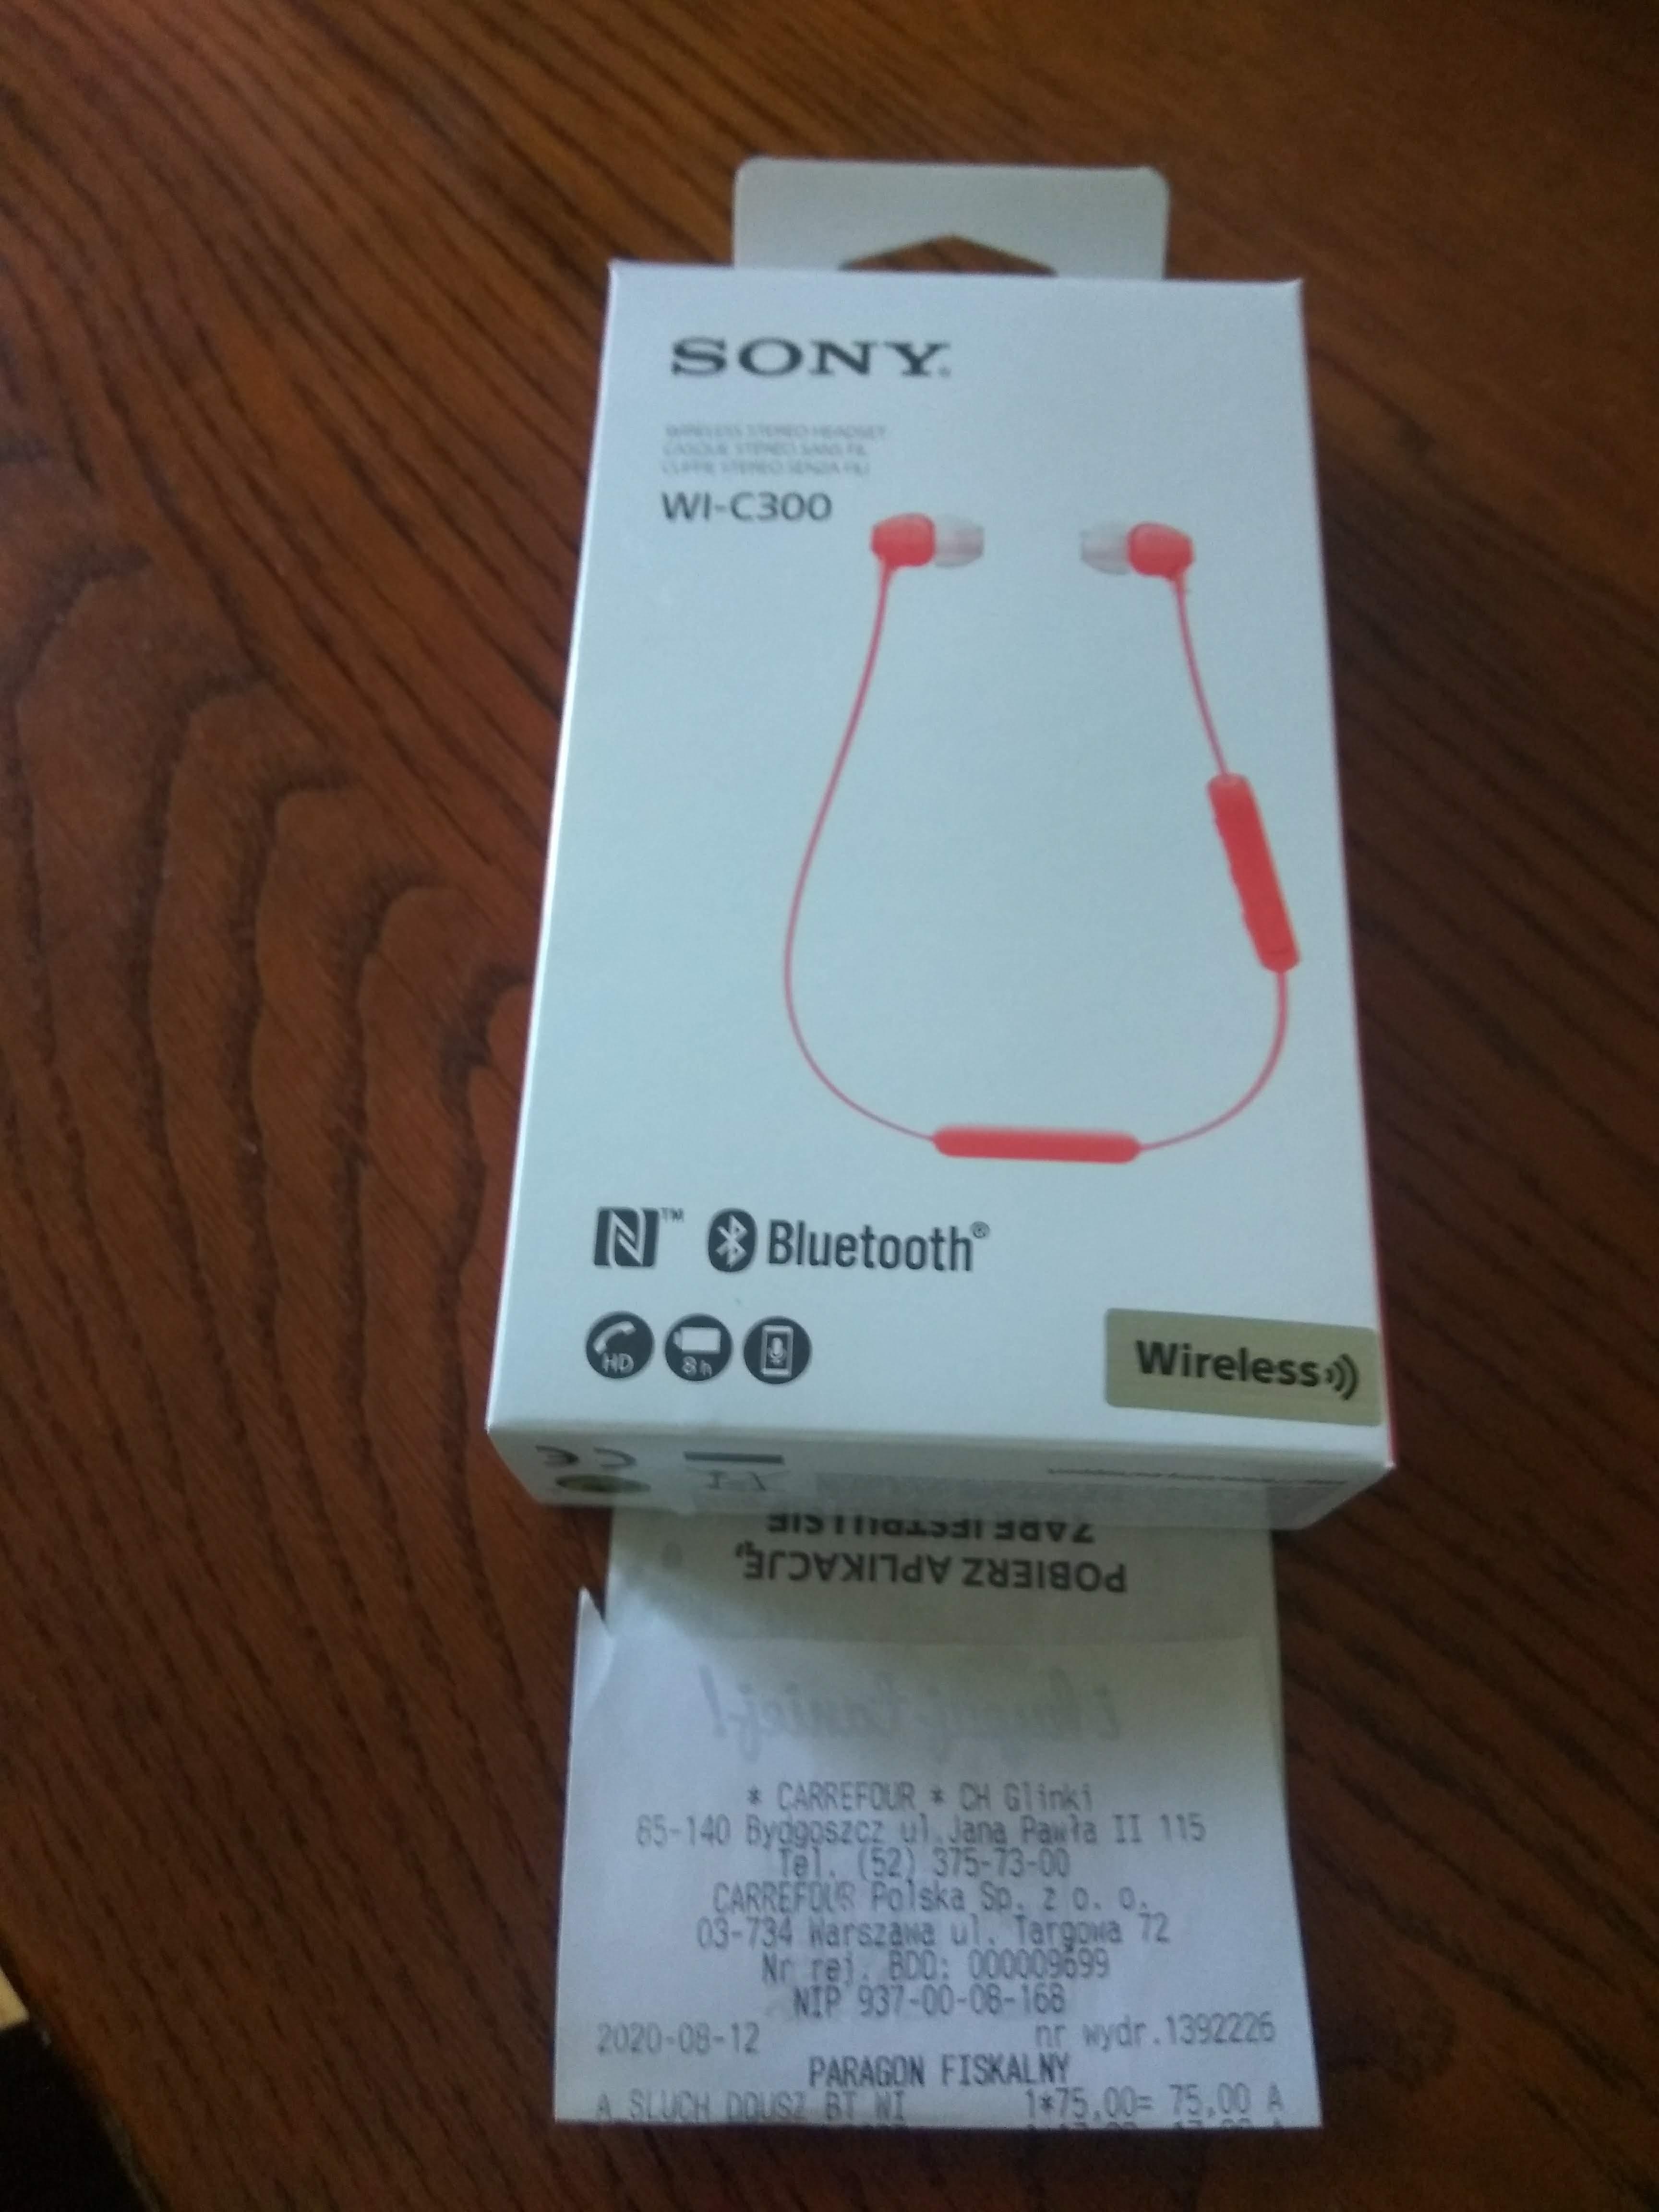 Słuchawki Bluetooth Sony Wi-C300